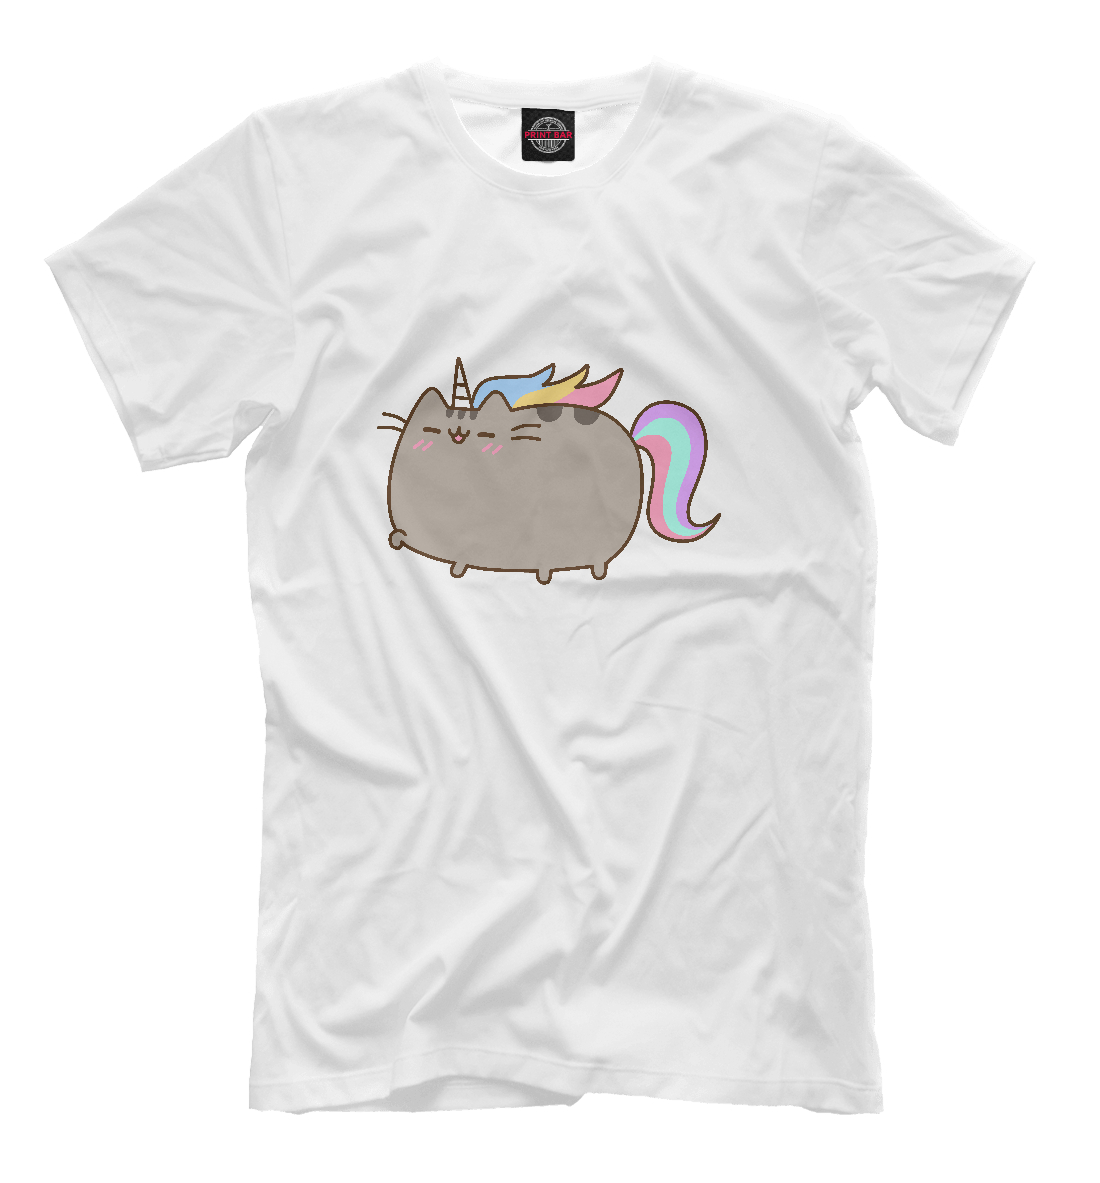 Купить Pusheen Happy Unicorn, Printbar, Футболки, CAT-622340-fut-2